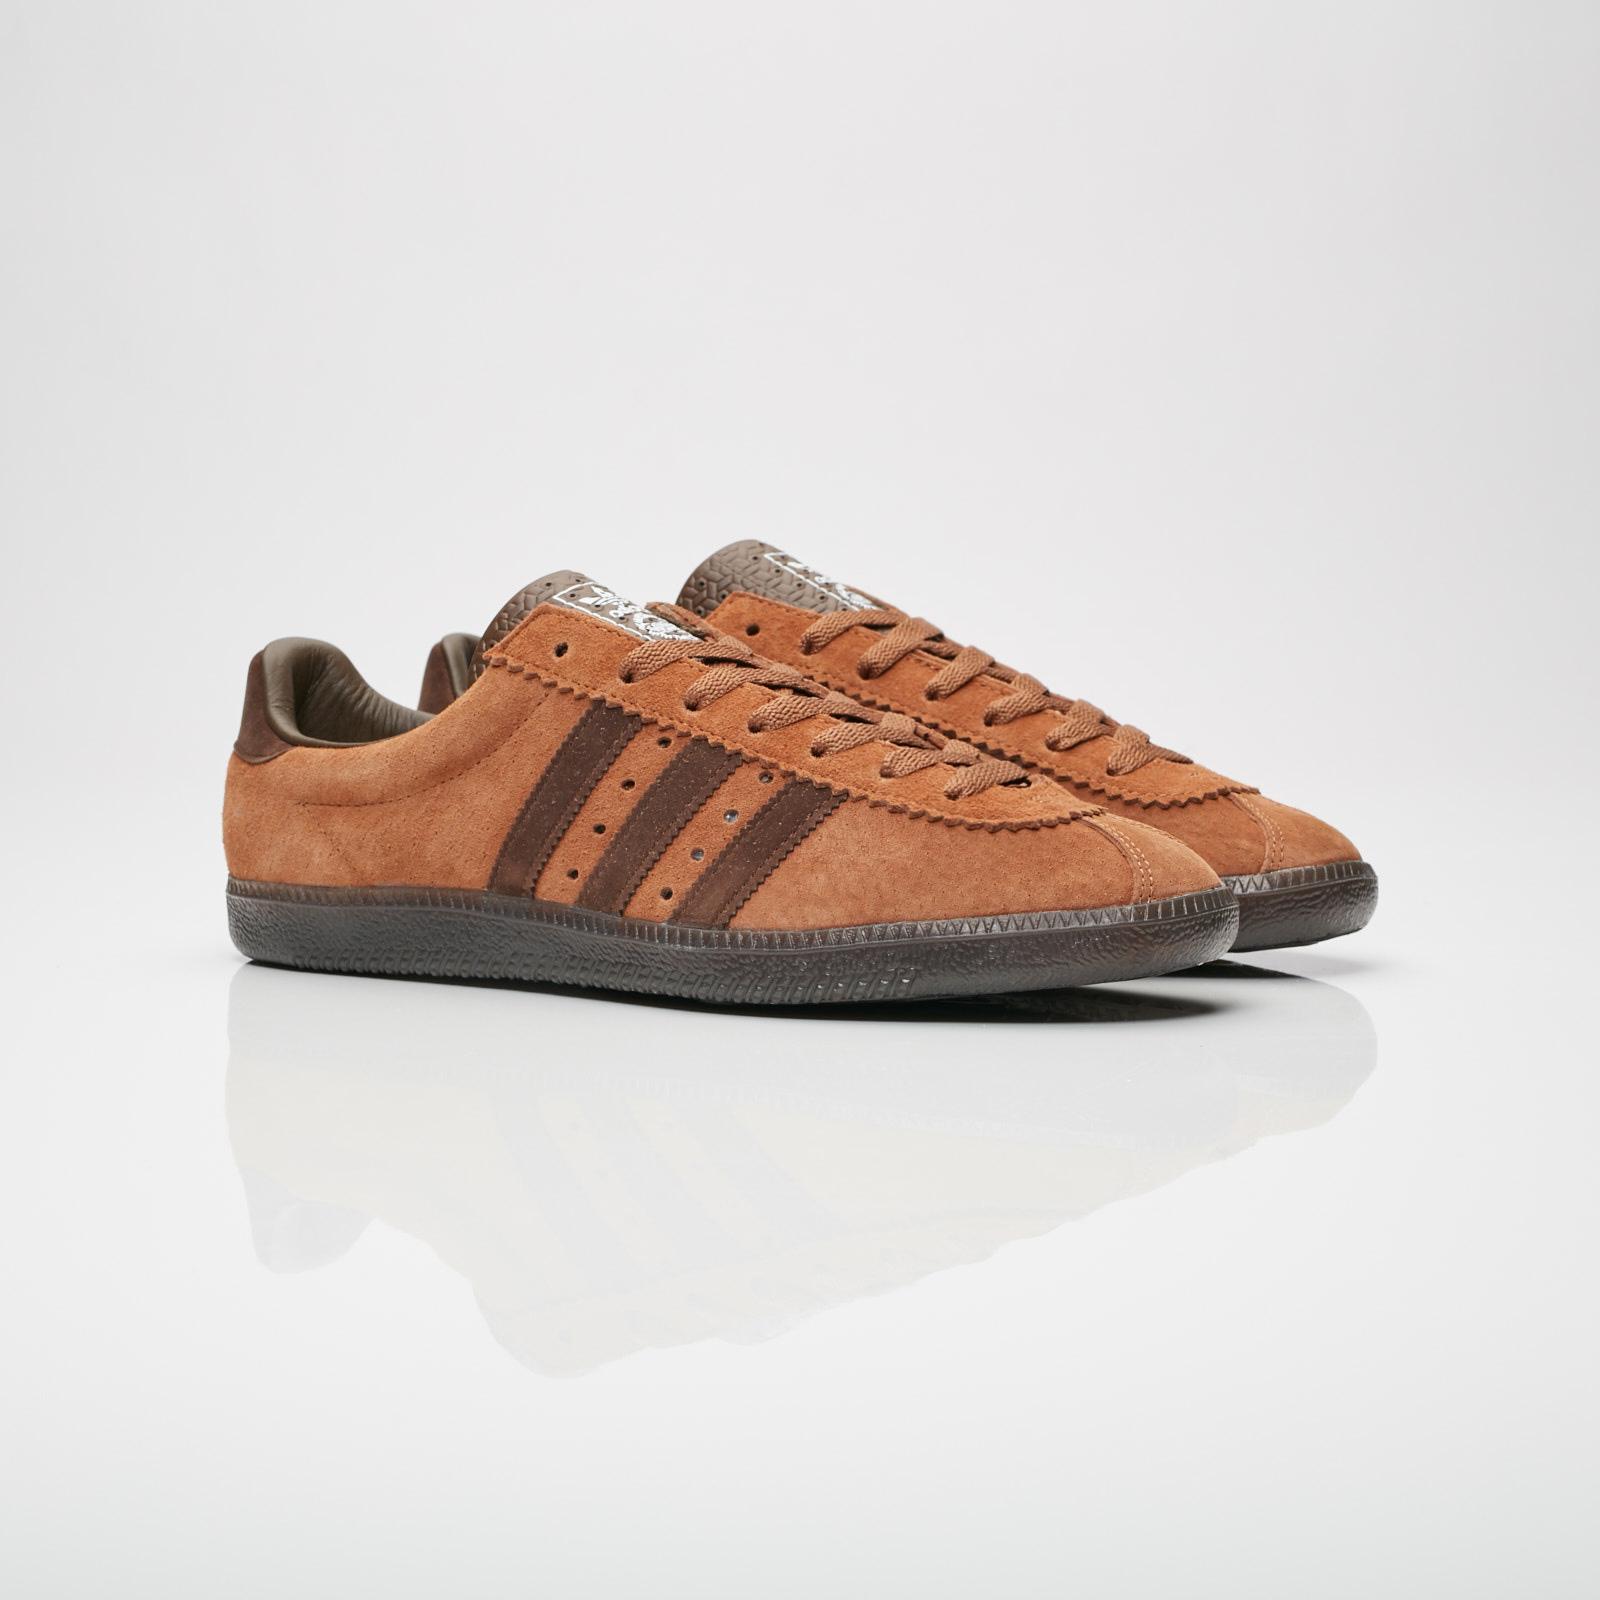 volumen panorama pesado  adidas Padiham - Ac7746 - Sneakersnstuff   sneakers & streetwear online  since 1999